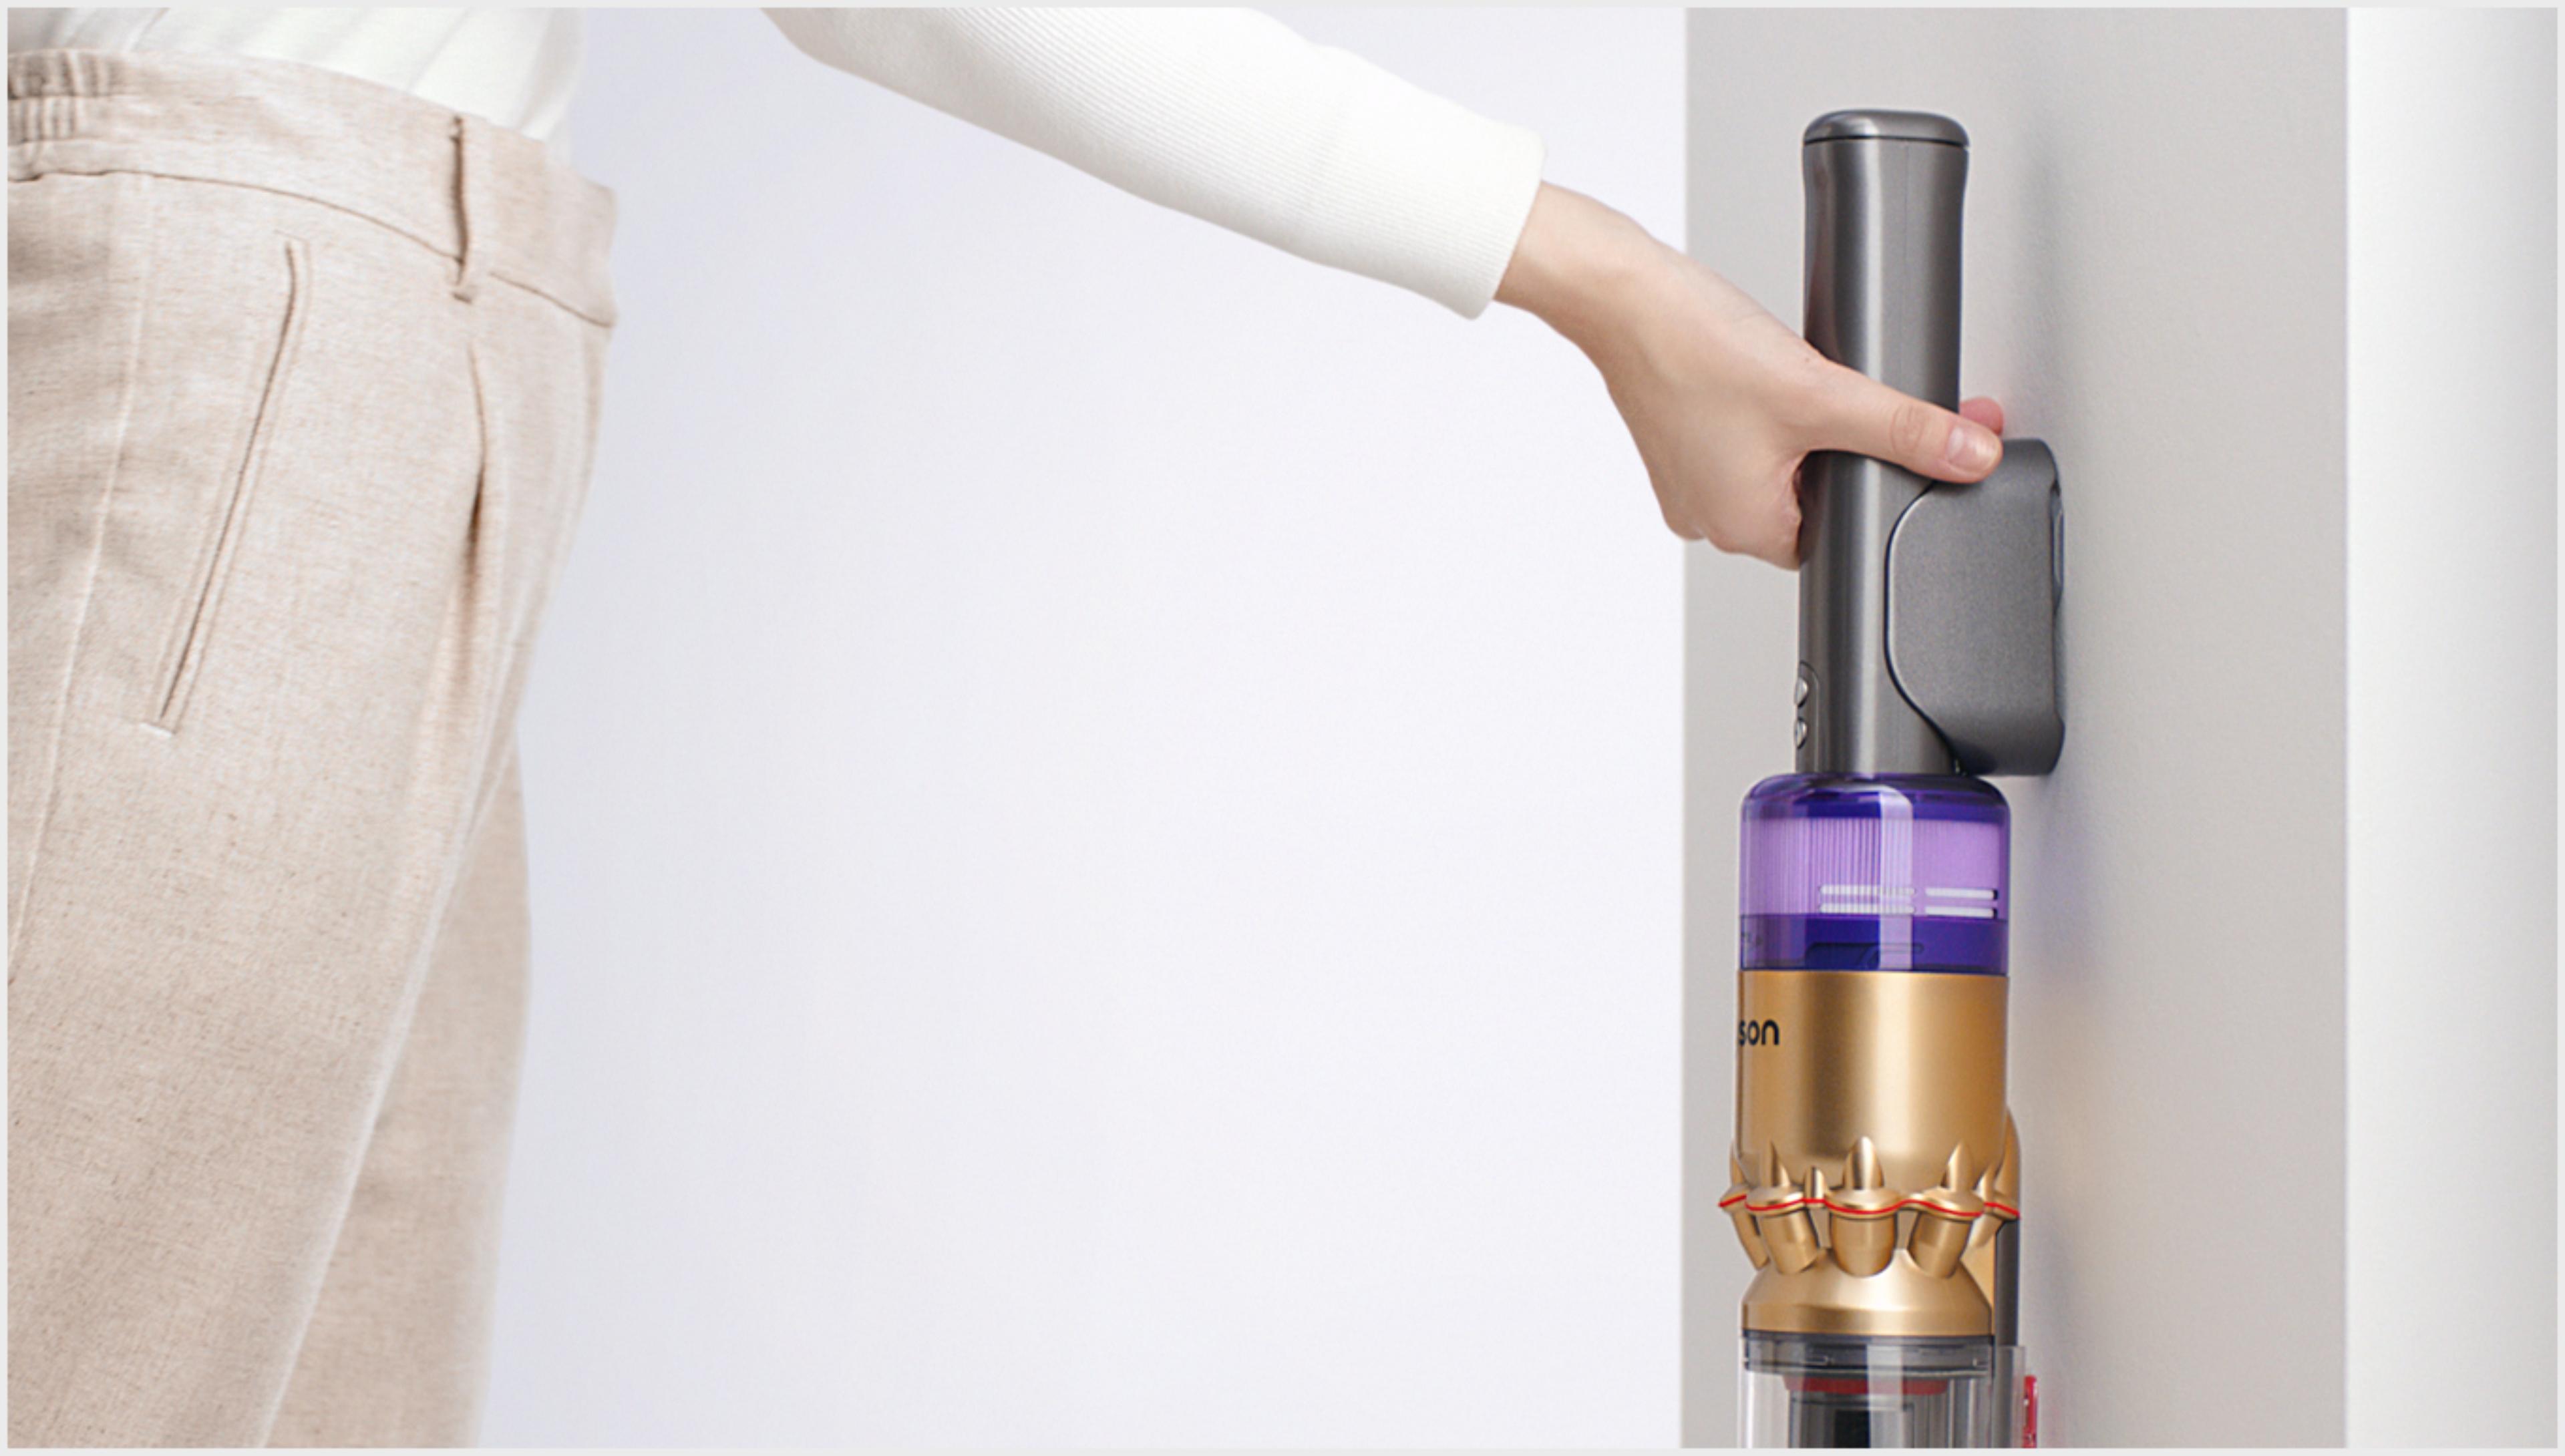 벽 설치형 거치대 장착된 다이슨 옴니-글라이드™+ 무선 청소기